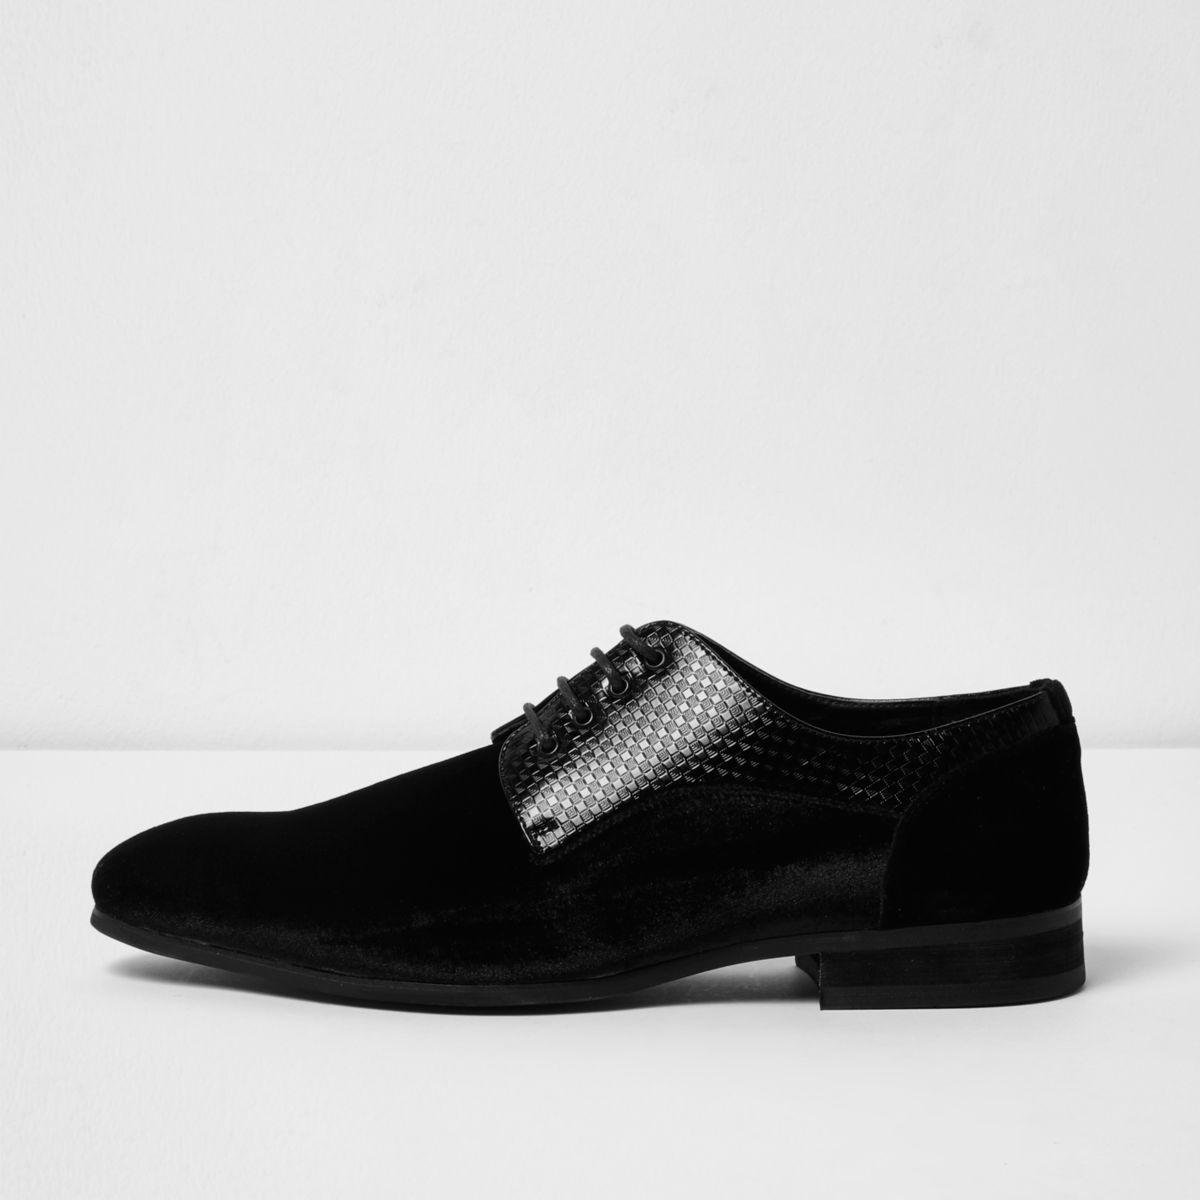 Chaussures habillées en velours texturé noires à lacets